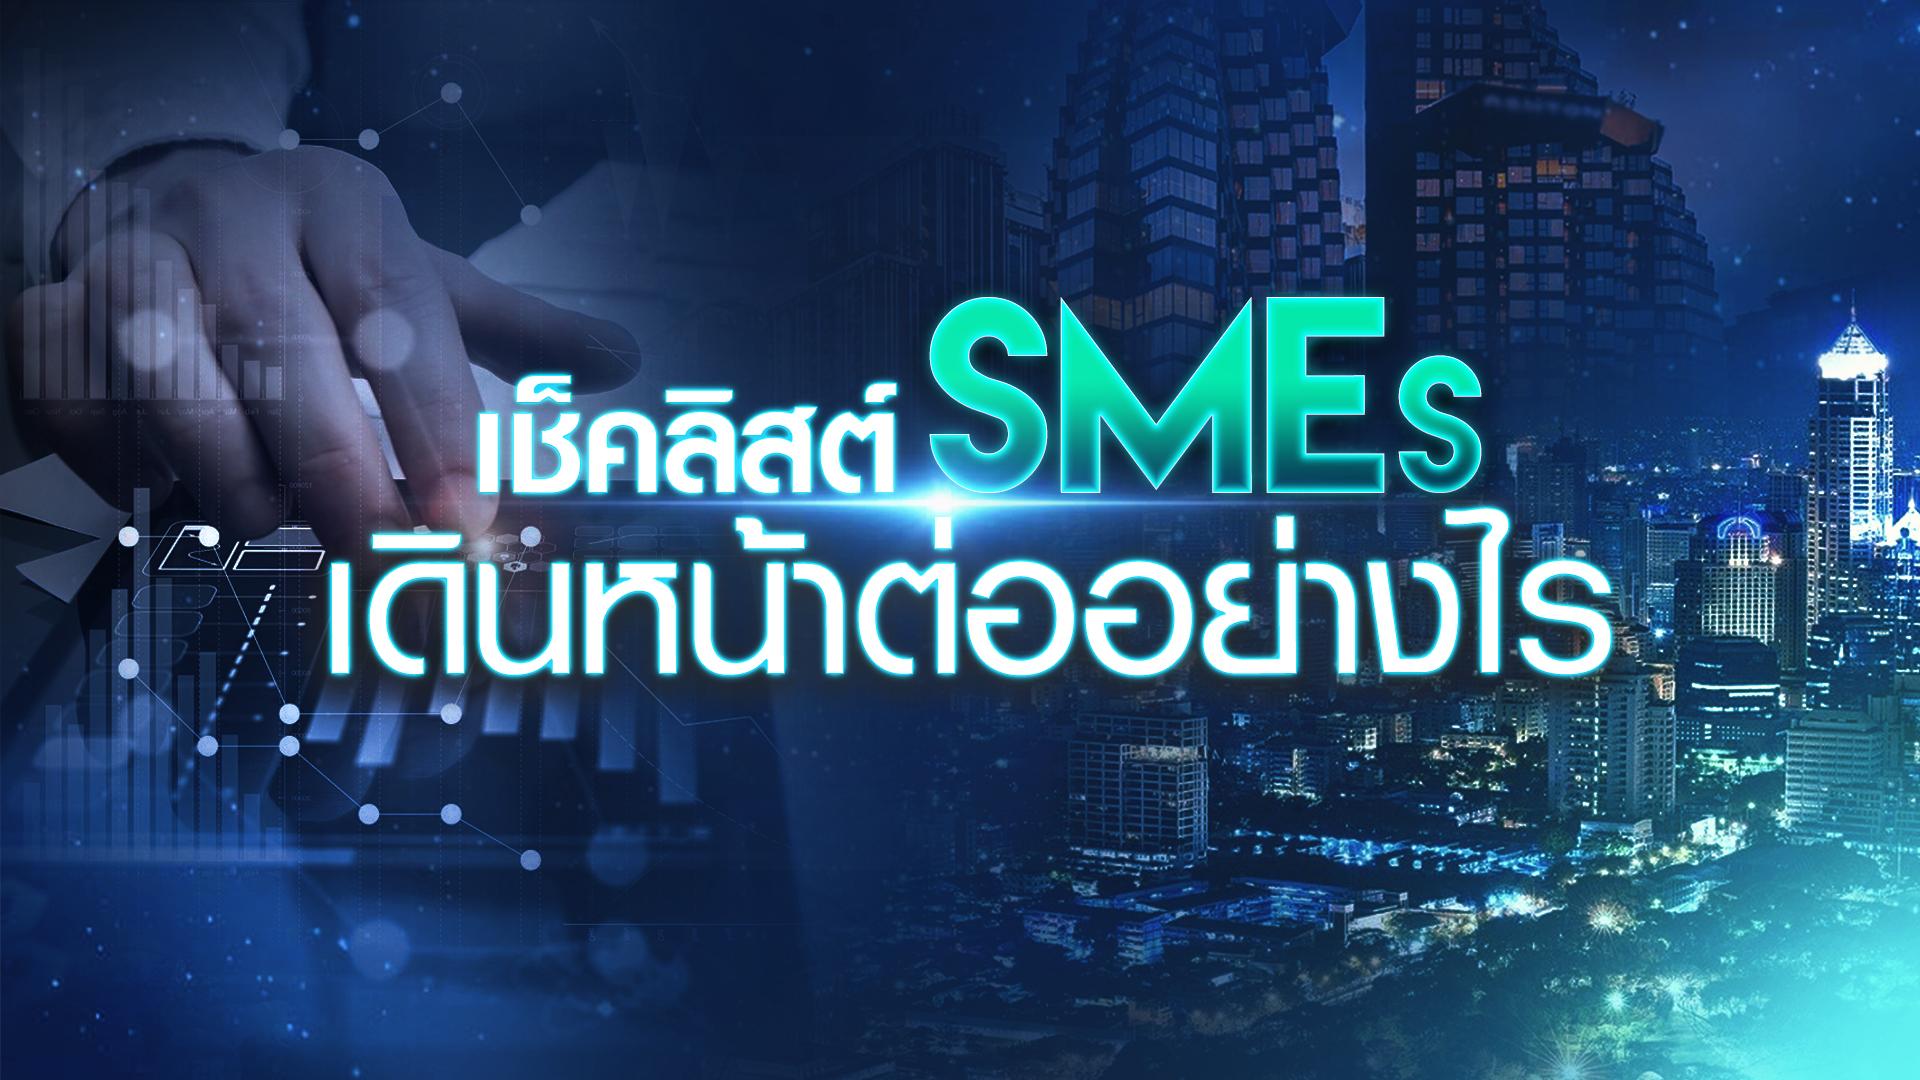 เช็คลิสต์ SMEs  เดินหน้าต่ออย่างไร